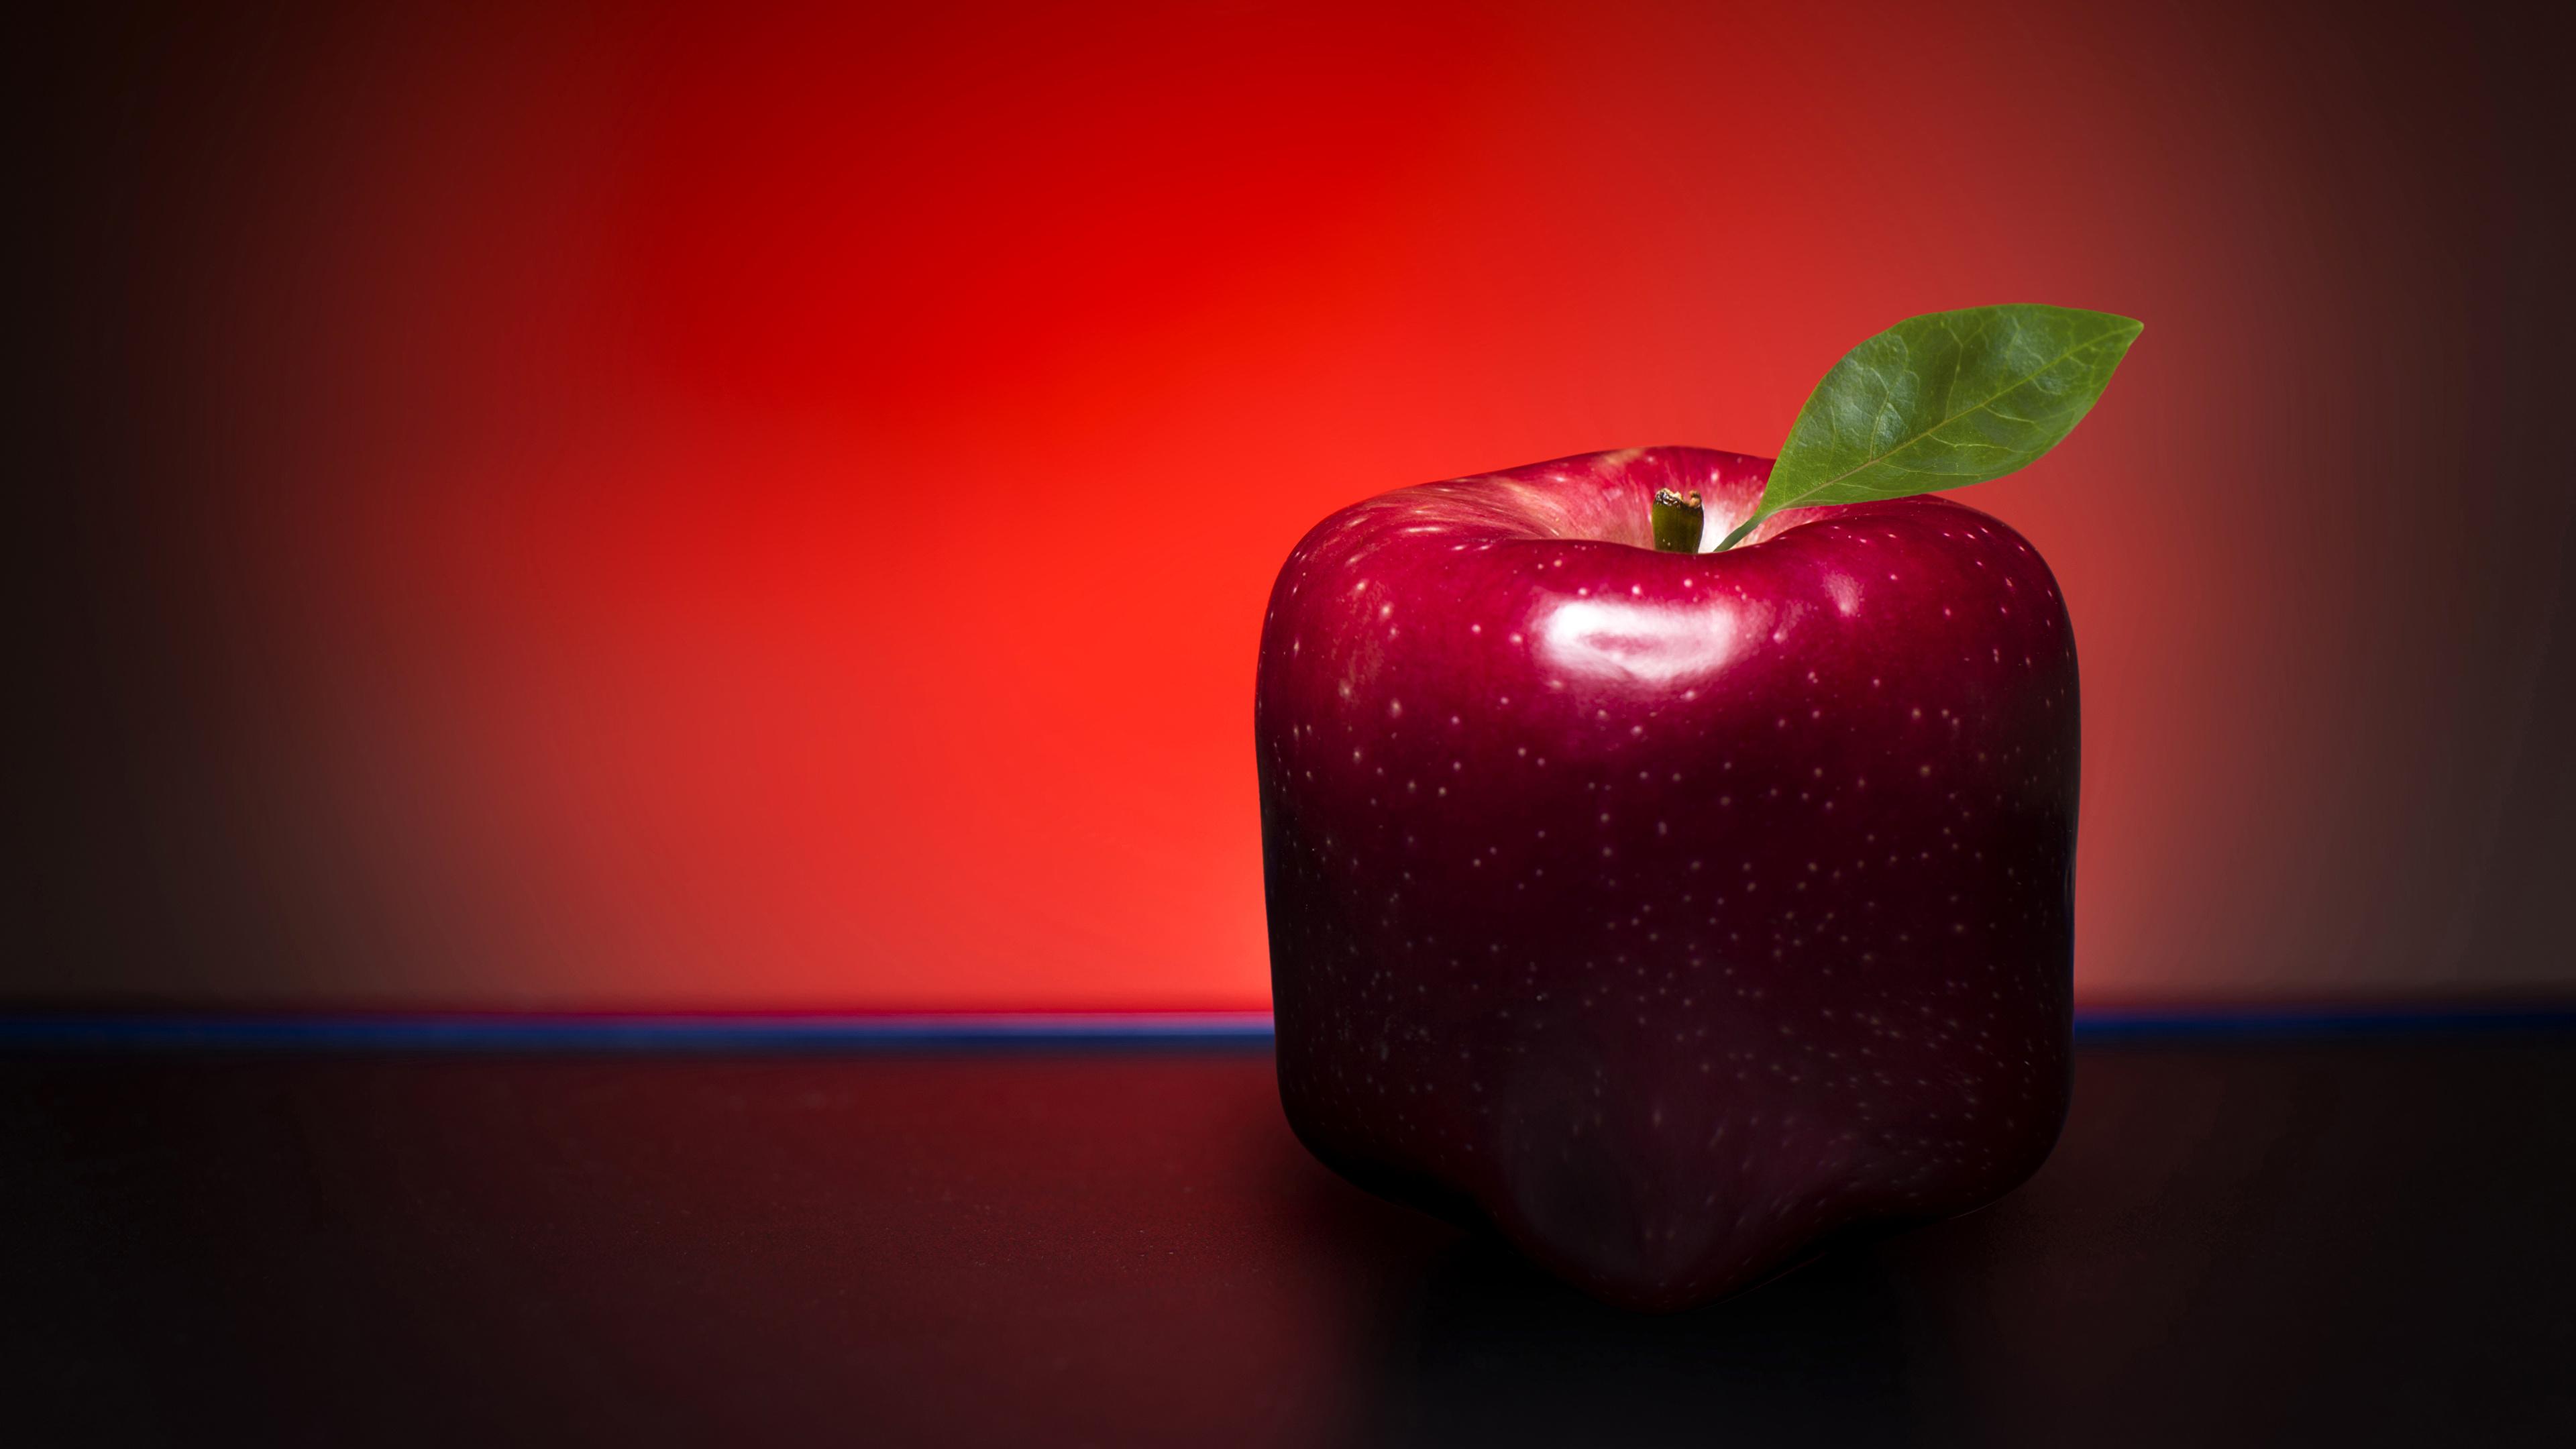 Обои красная Яблоки оригинальные Пища Крупным планом 3840x2160 красных красные Красный Креатив Еда Продукты питания вблизи